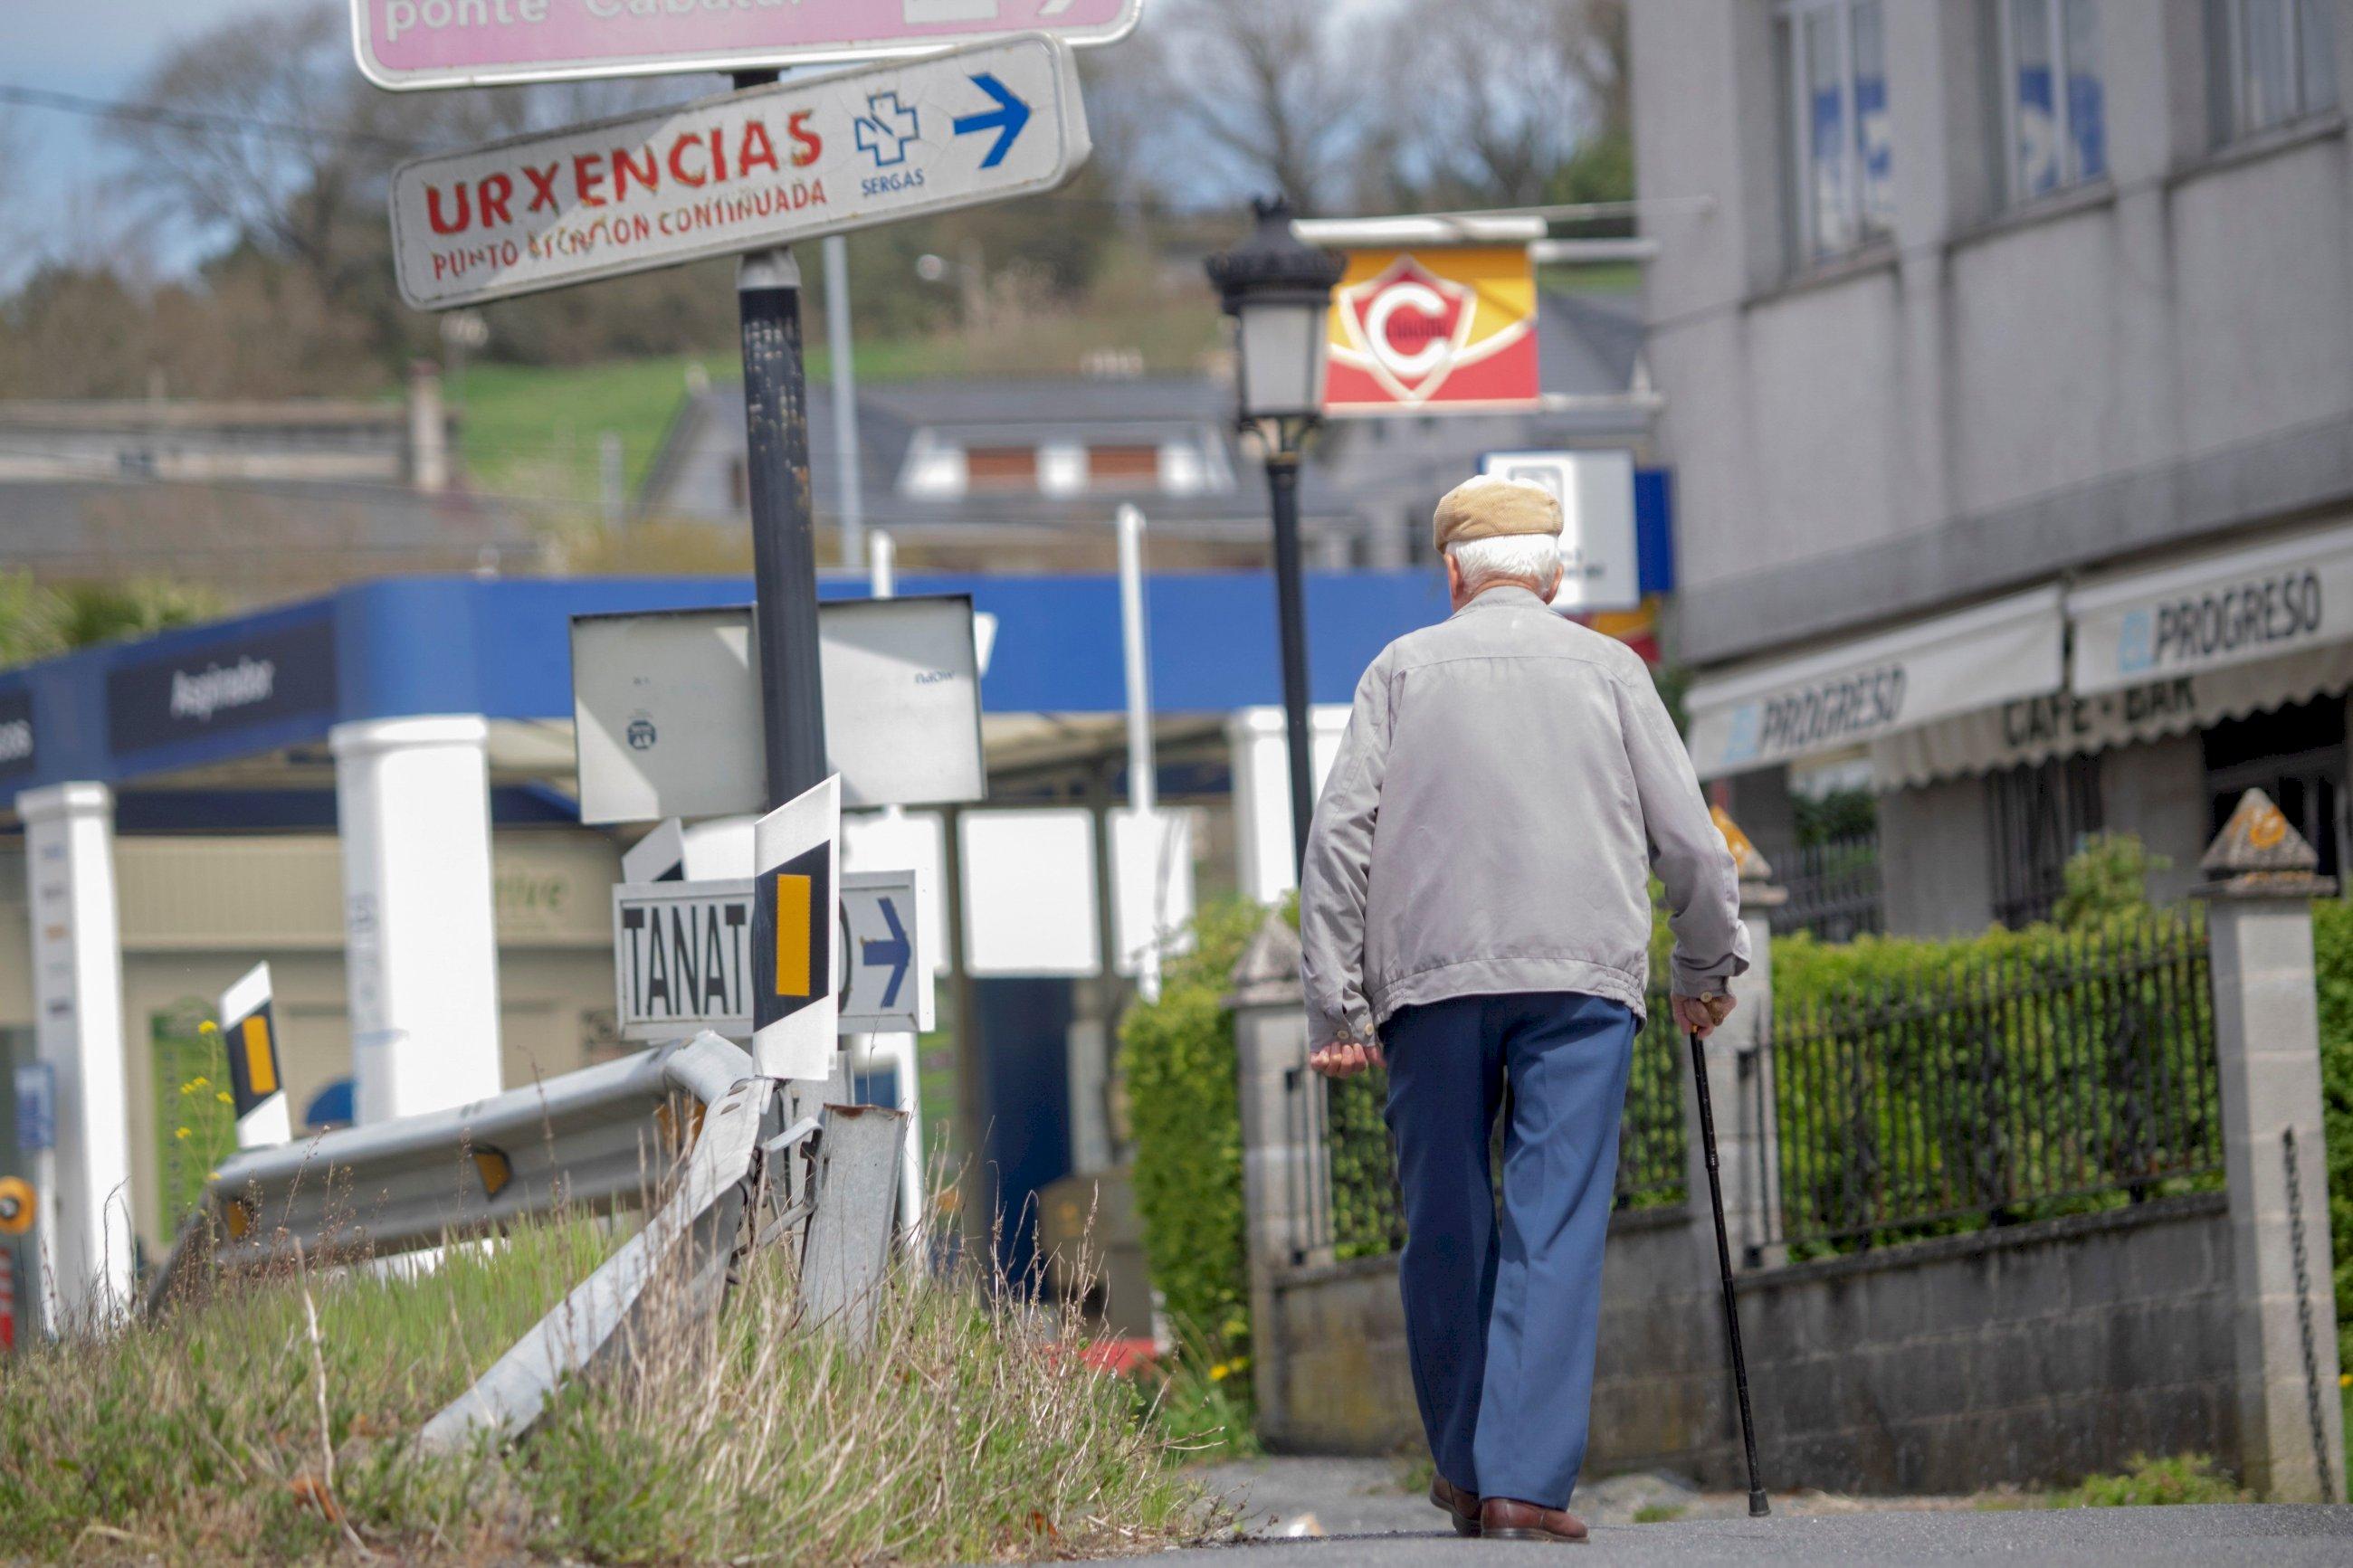 España lidera la cifra de contagios en Europa tras los rebrotes